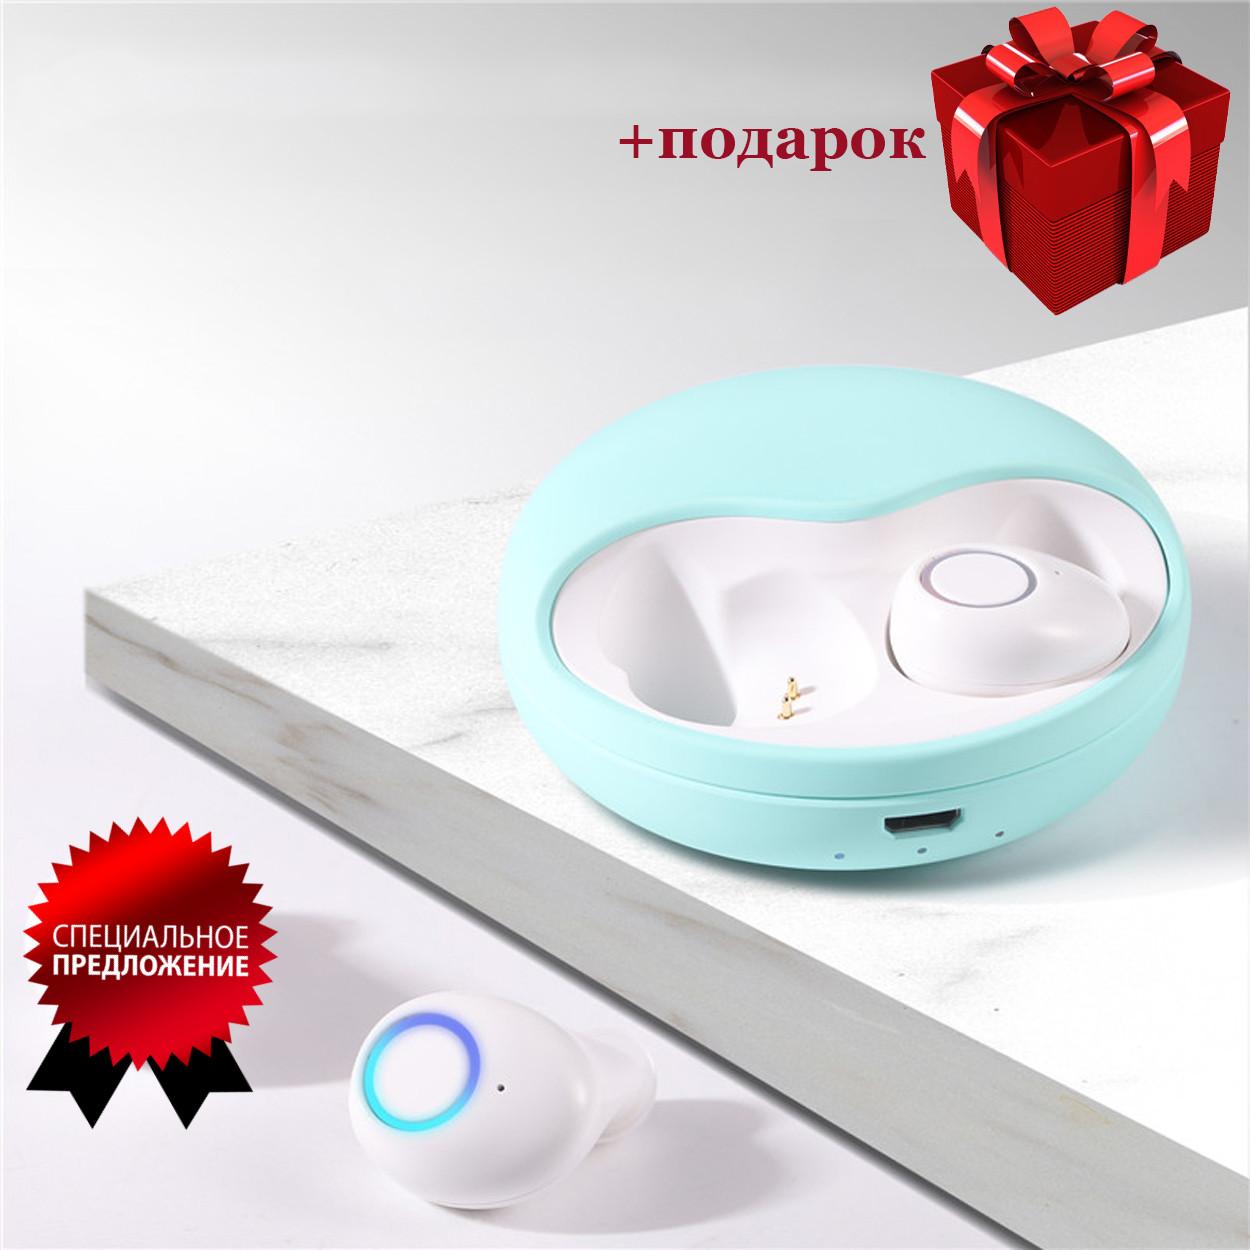 Бездротові Bluetooth-навушники безпровідні із зарядним чохлом-кейсом Wi-pods K10 Bluetooth 5.0. М'ятні.